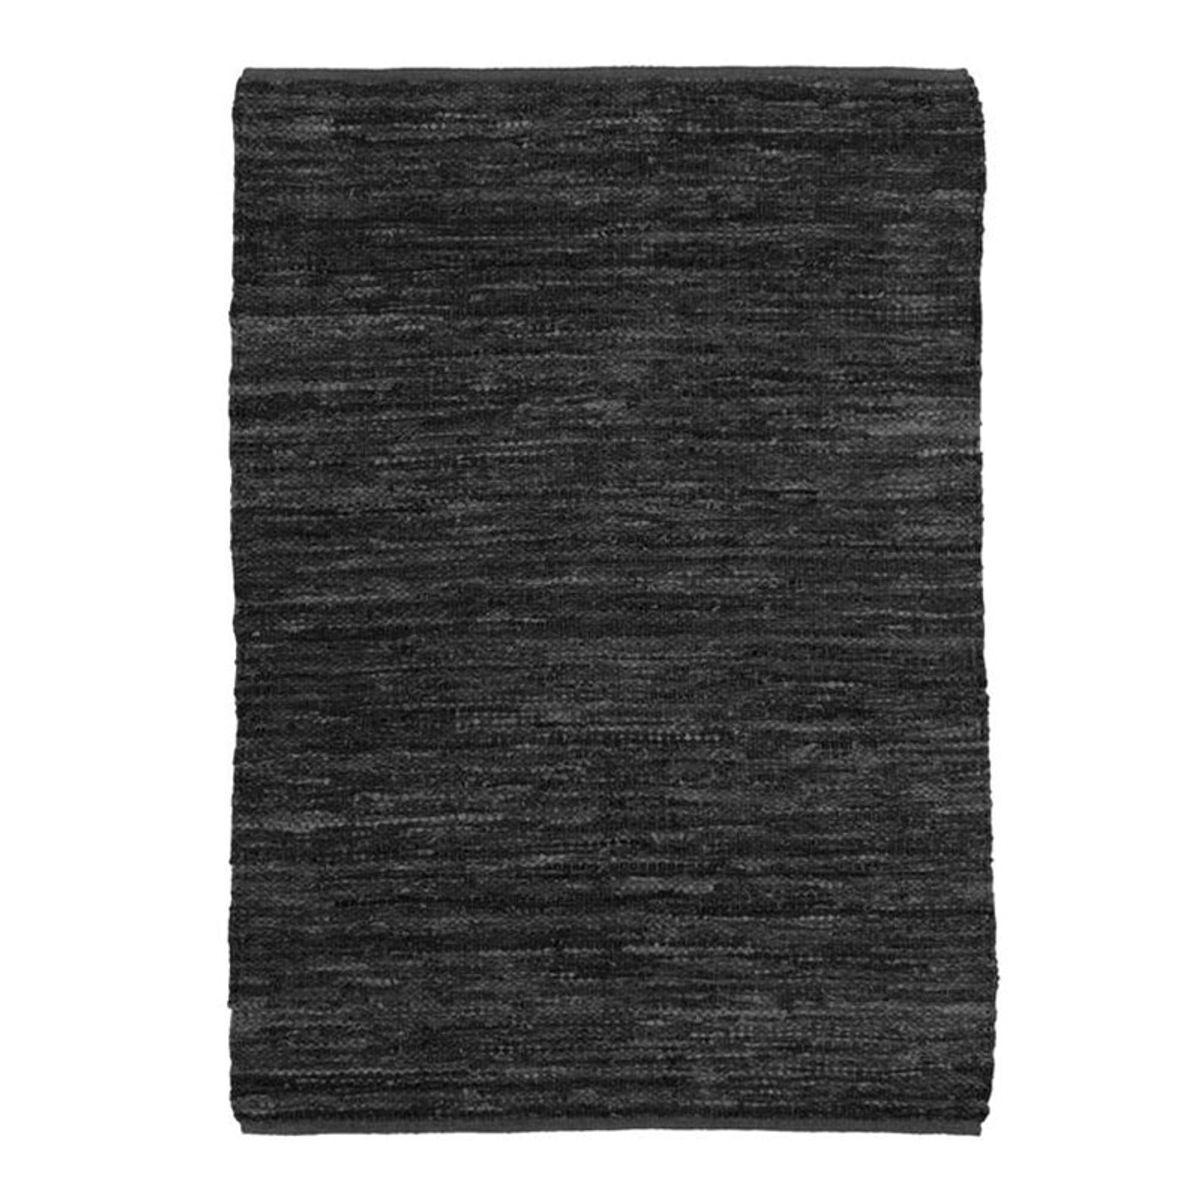 TheDecoFactory SKIN - Tapis en cuir tressé noir 160x230 Noir